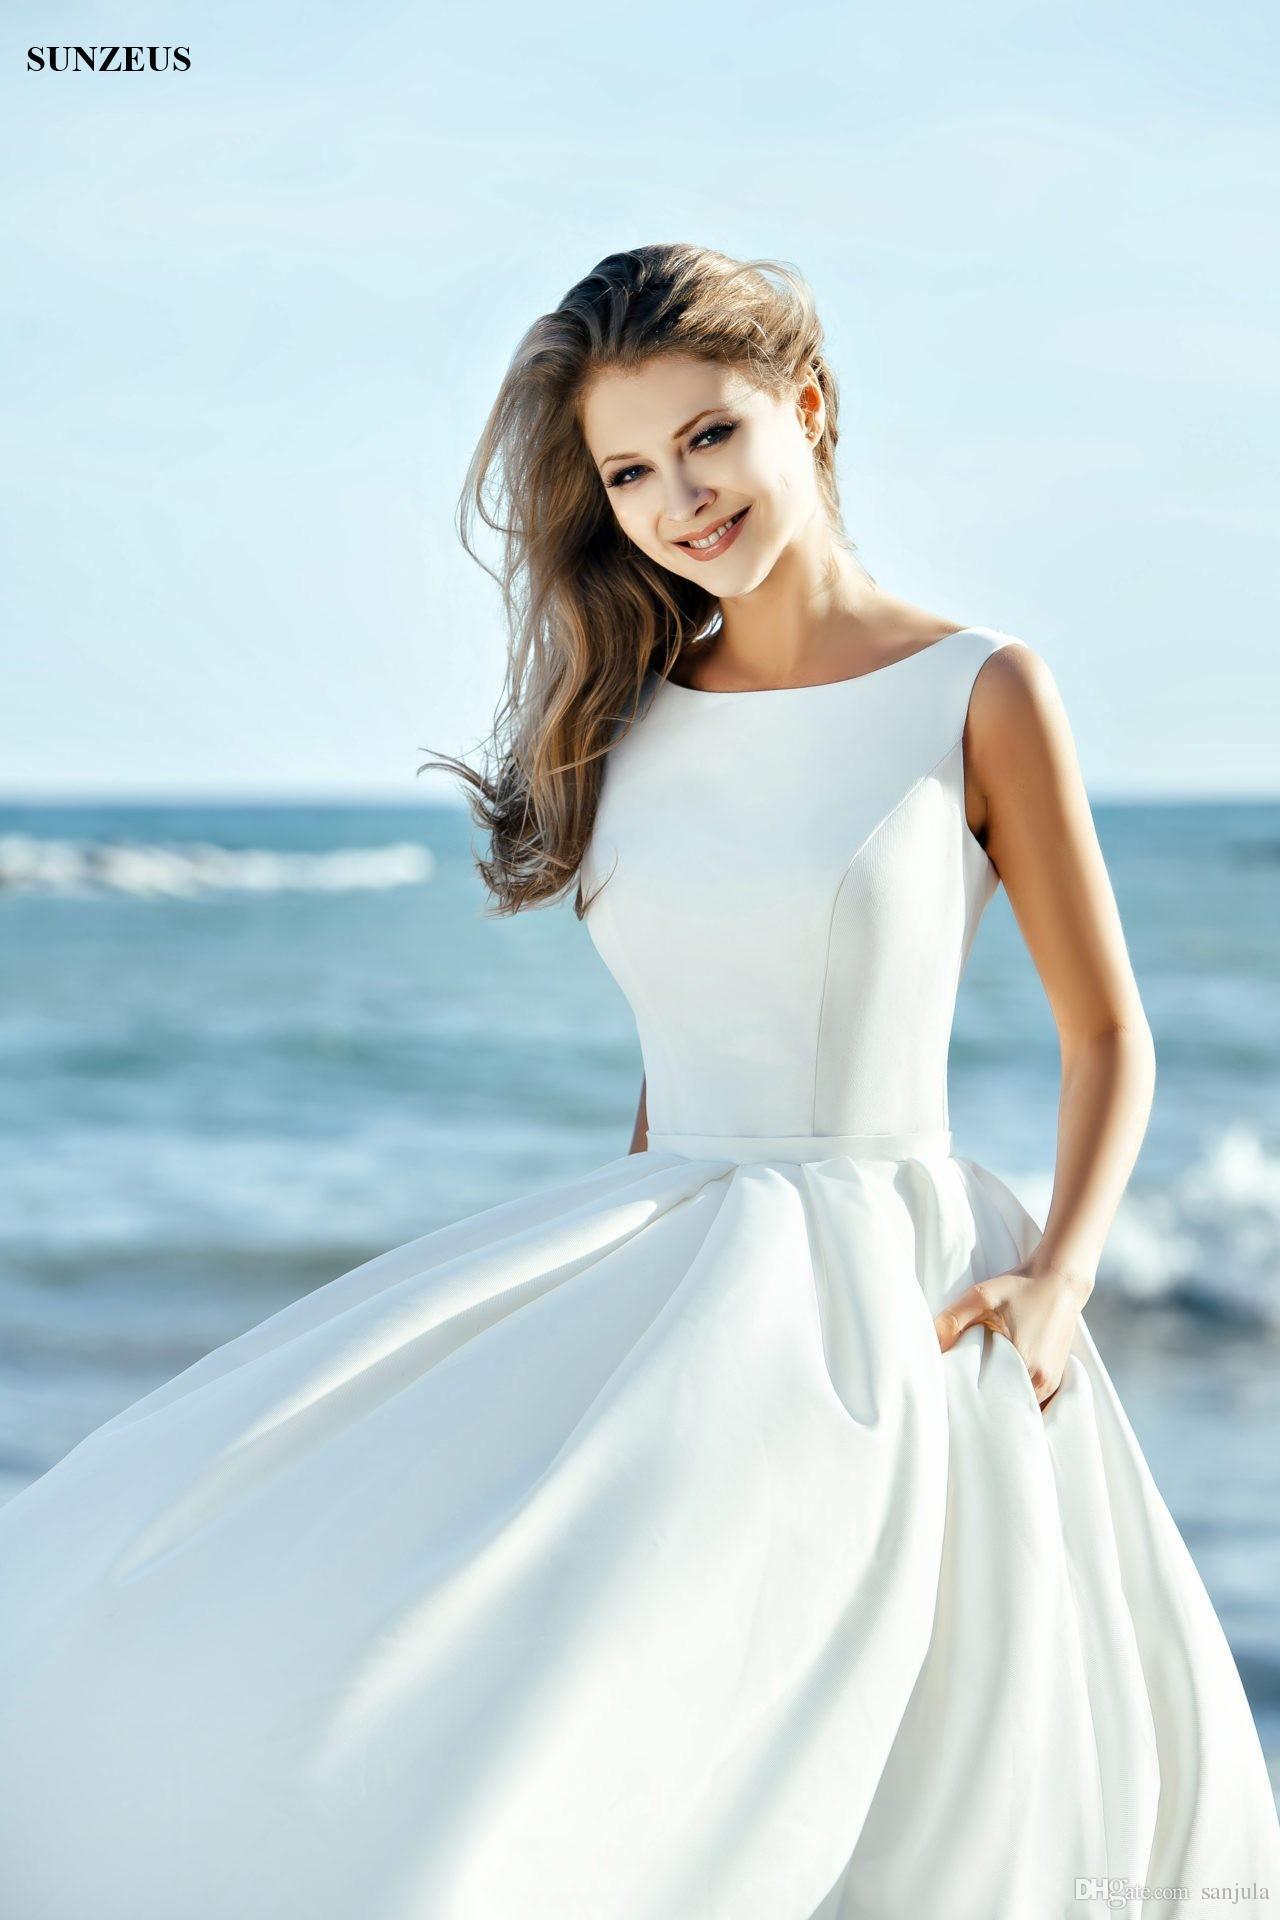 Nett Einfache Brautkleid Ideen - Hochzeit Kleid Stile Ideen ...